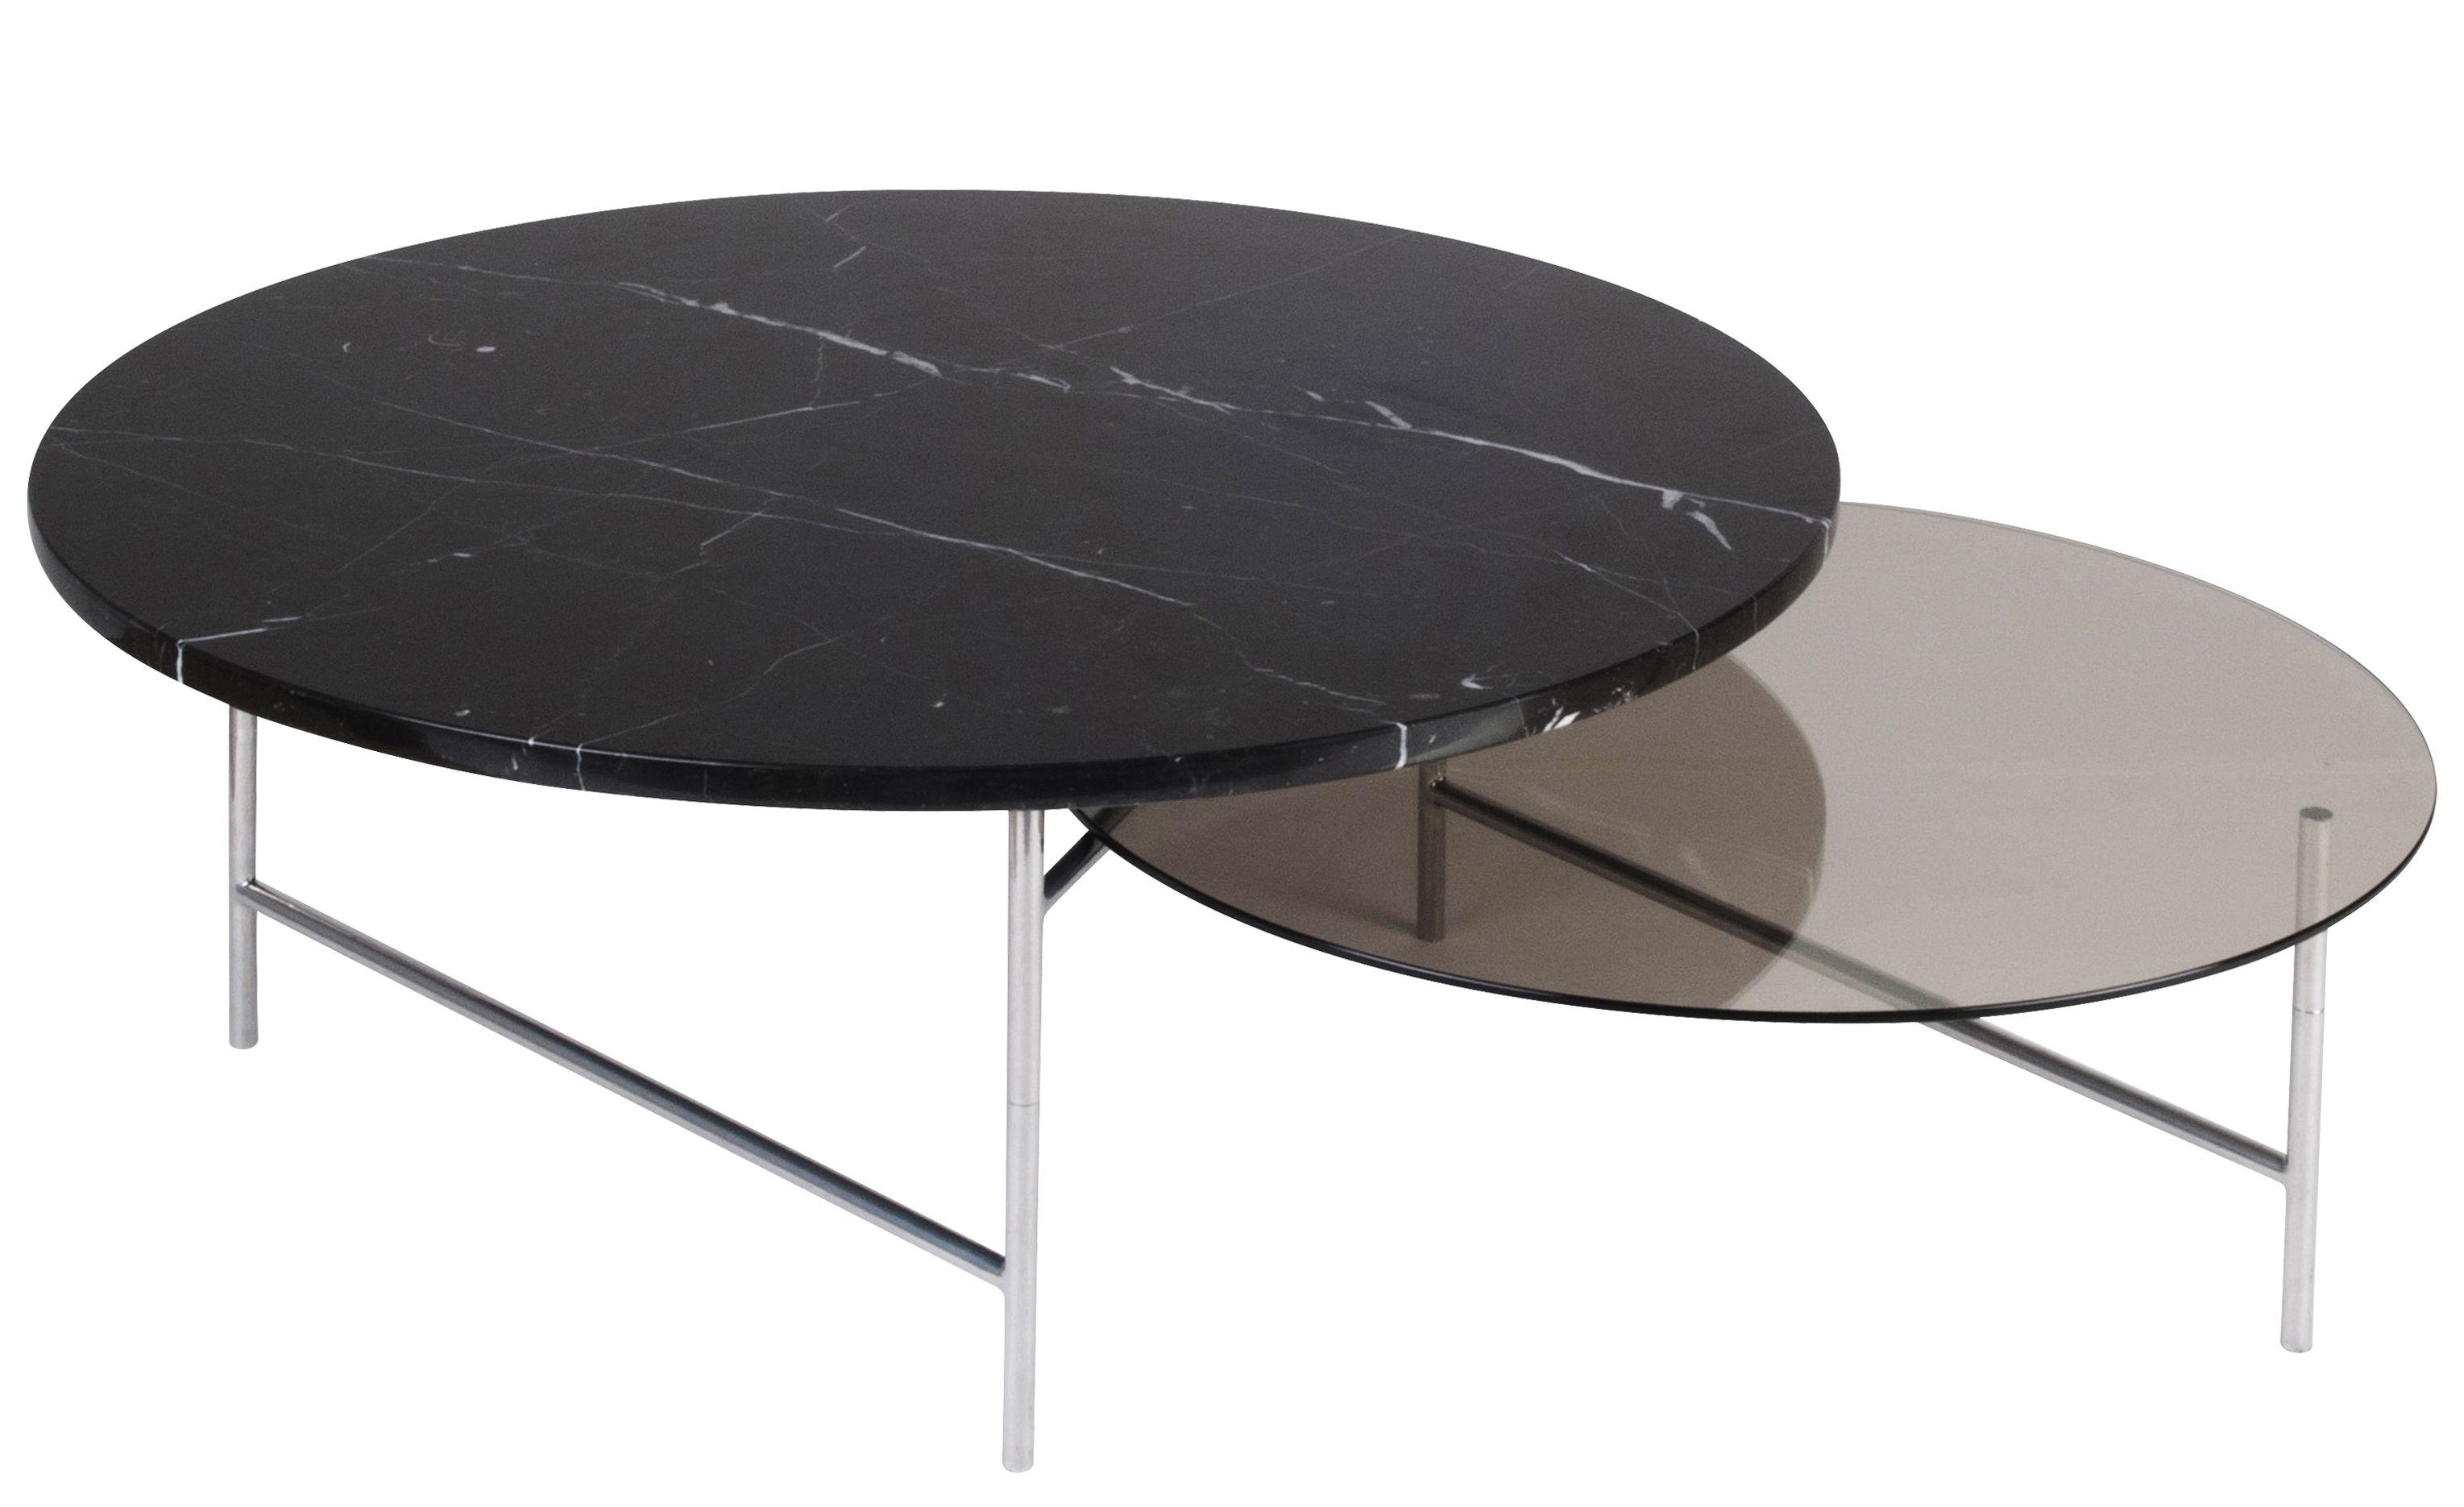 Table basse zorro la chance marbre noir & verre fumé pieds